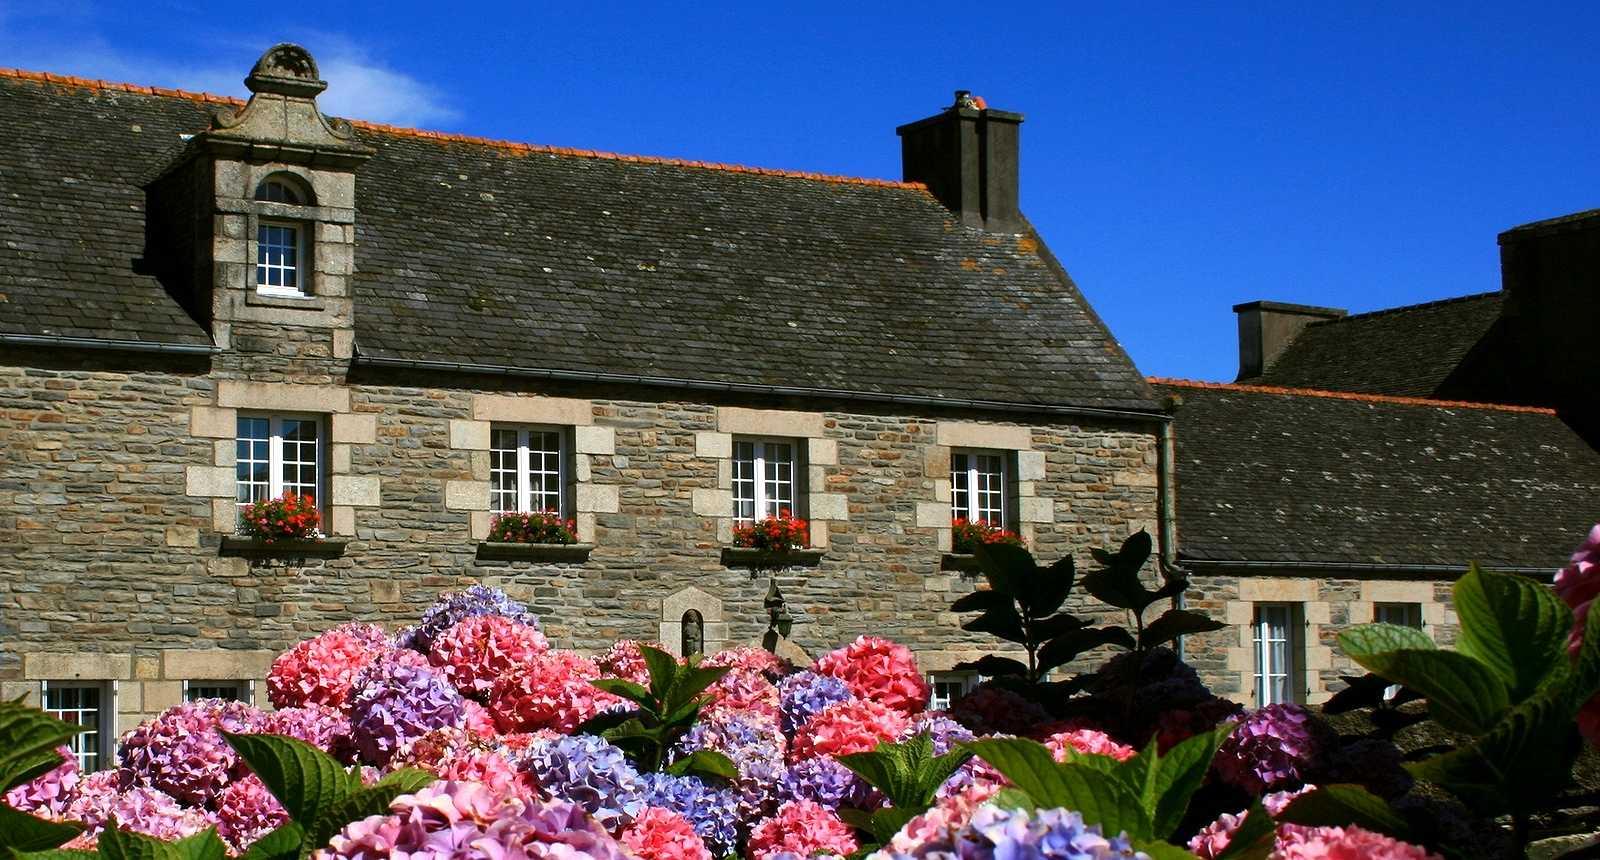 Maison bretonne à Saint-Thégonnec